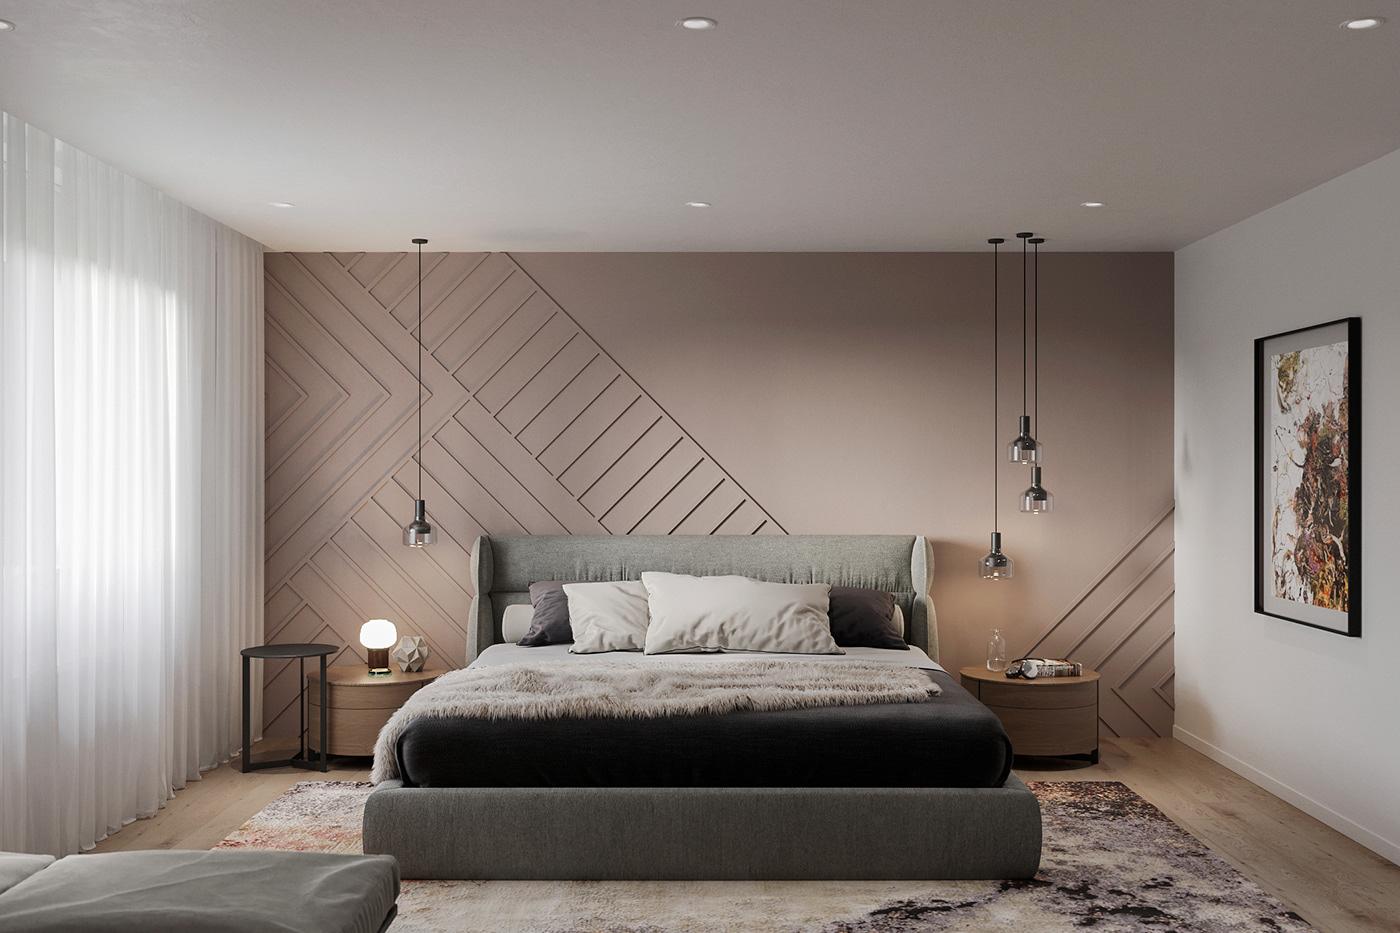 完美的44款臥室設計欣賞